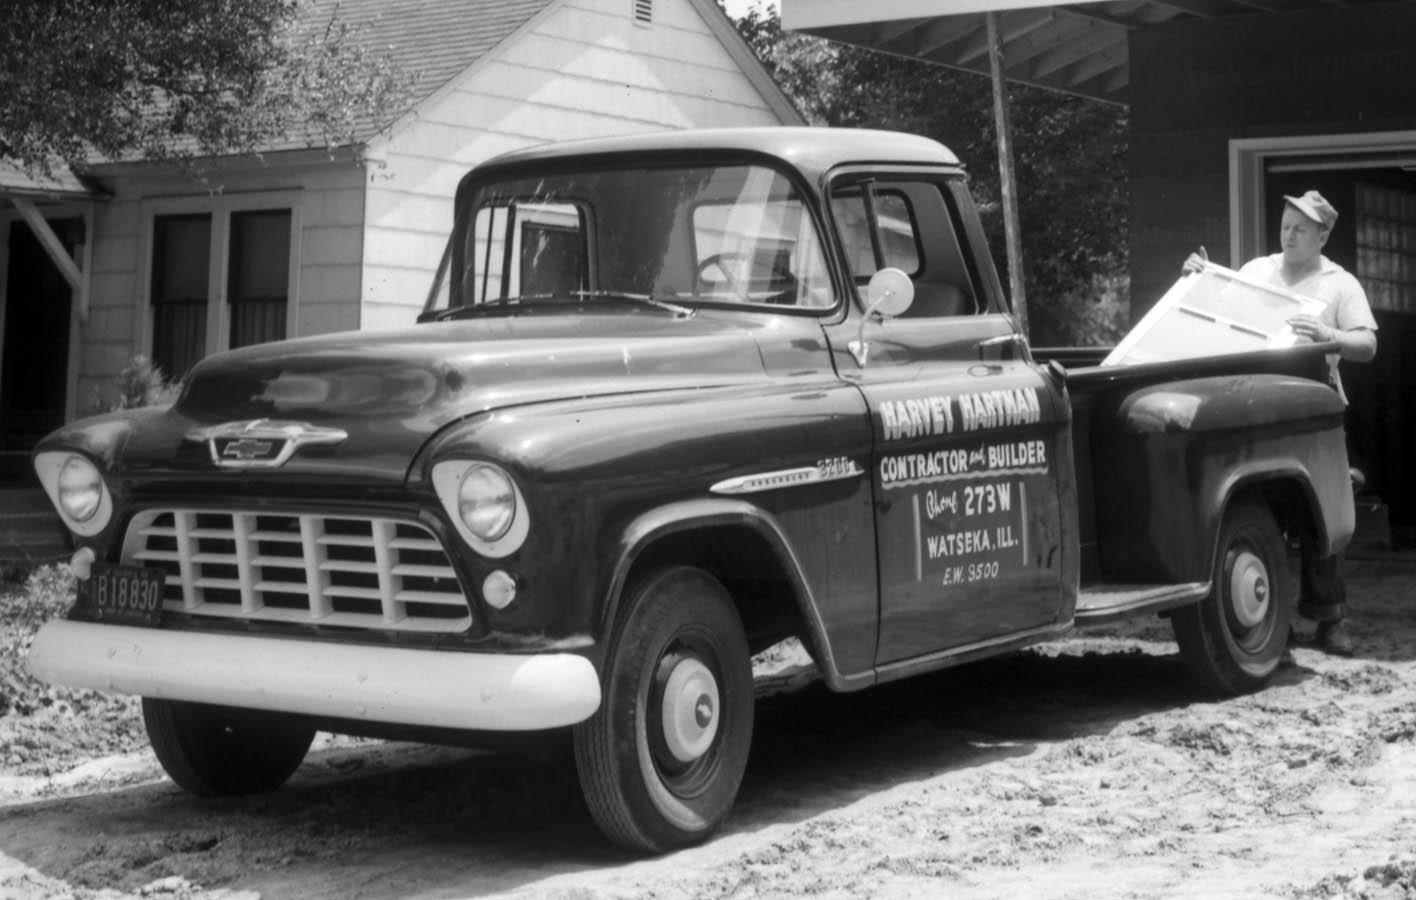 Kelebihan Kekurangan Chevrolet 1955 Top Model Tahun Ini